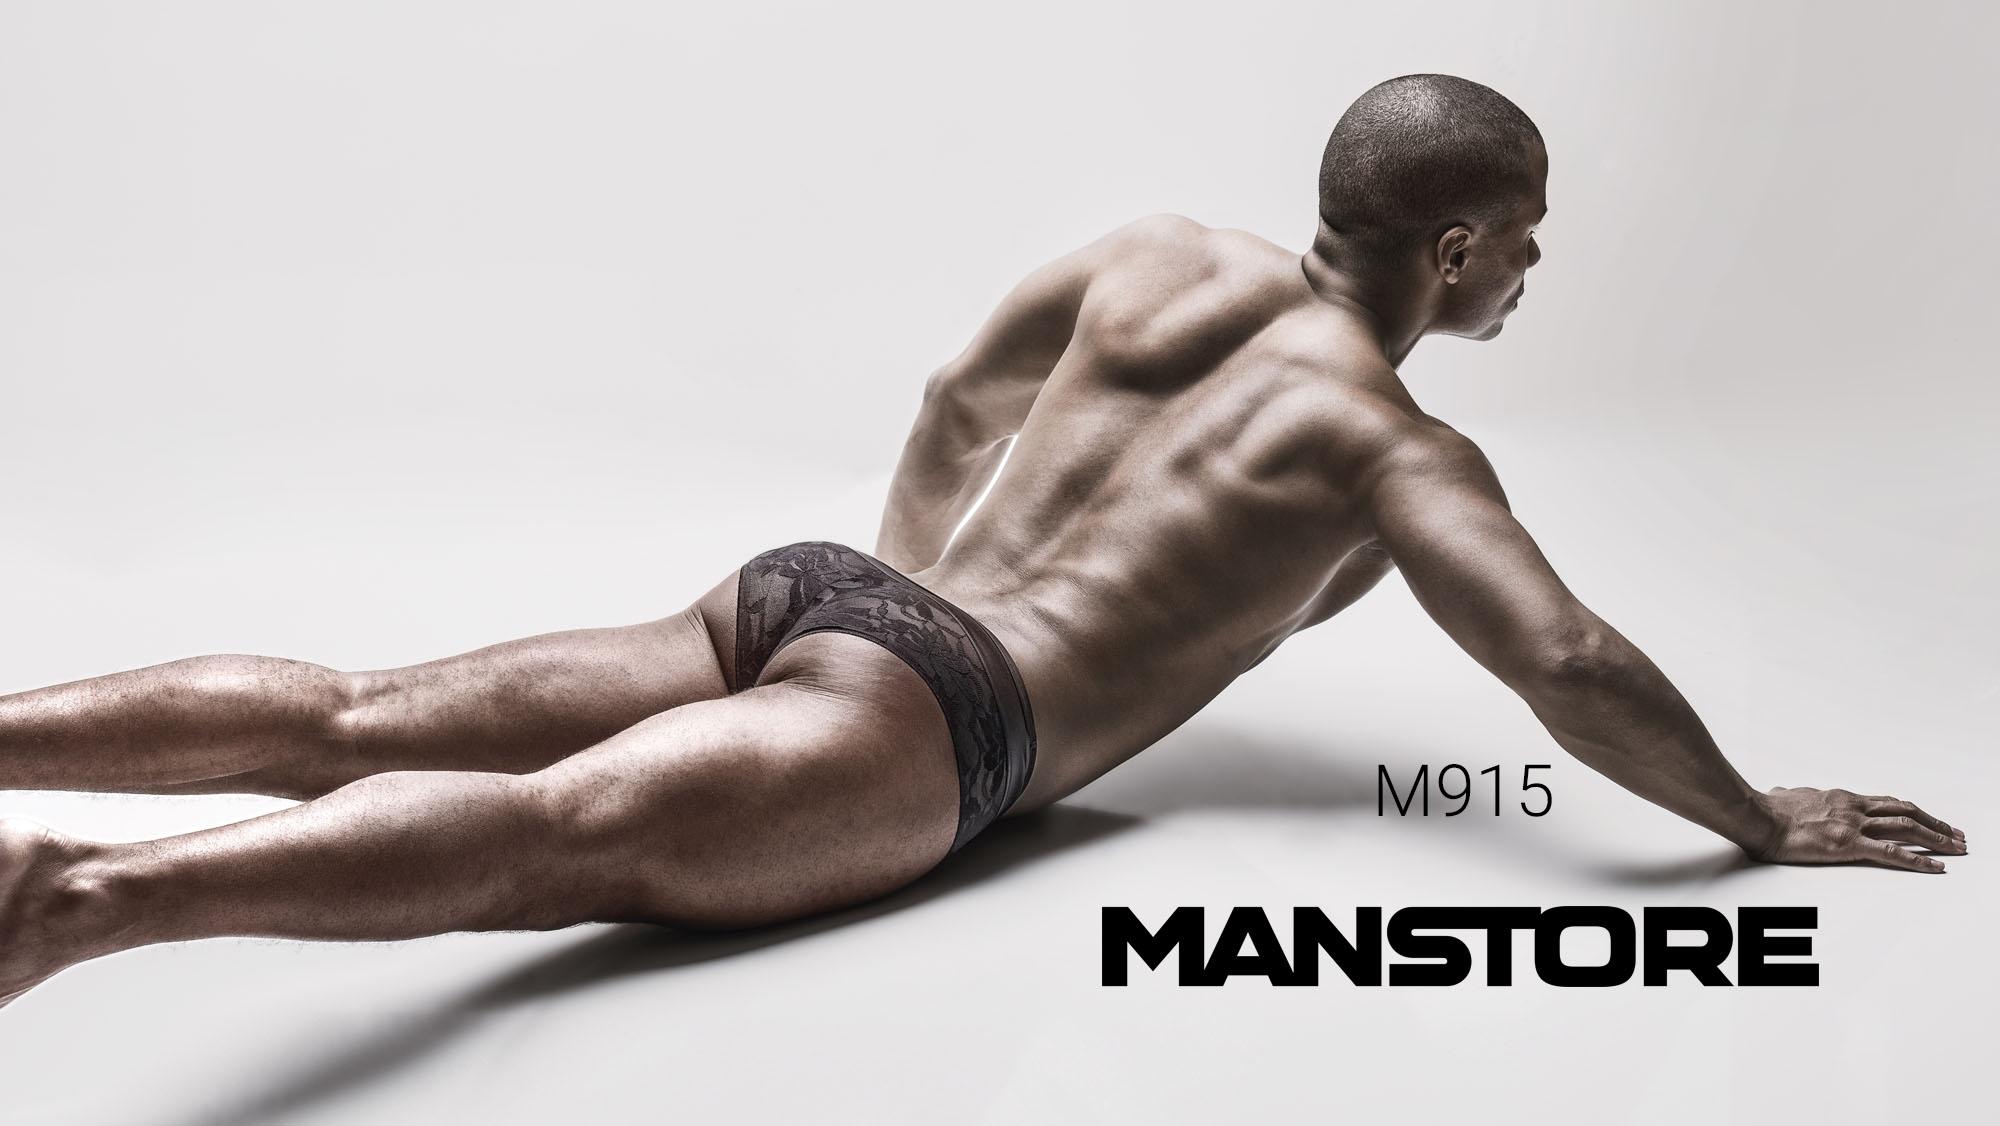 Manstore M915